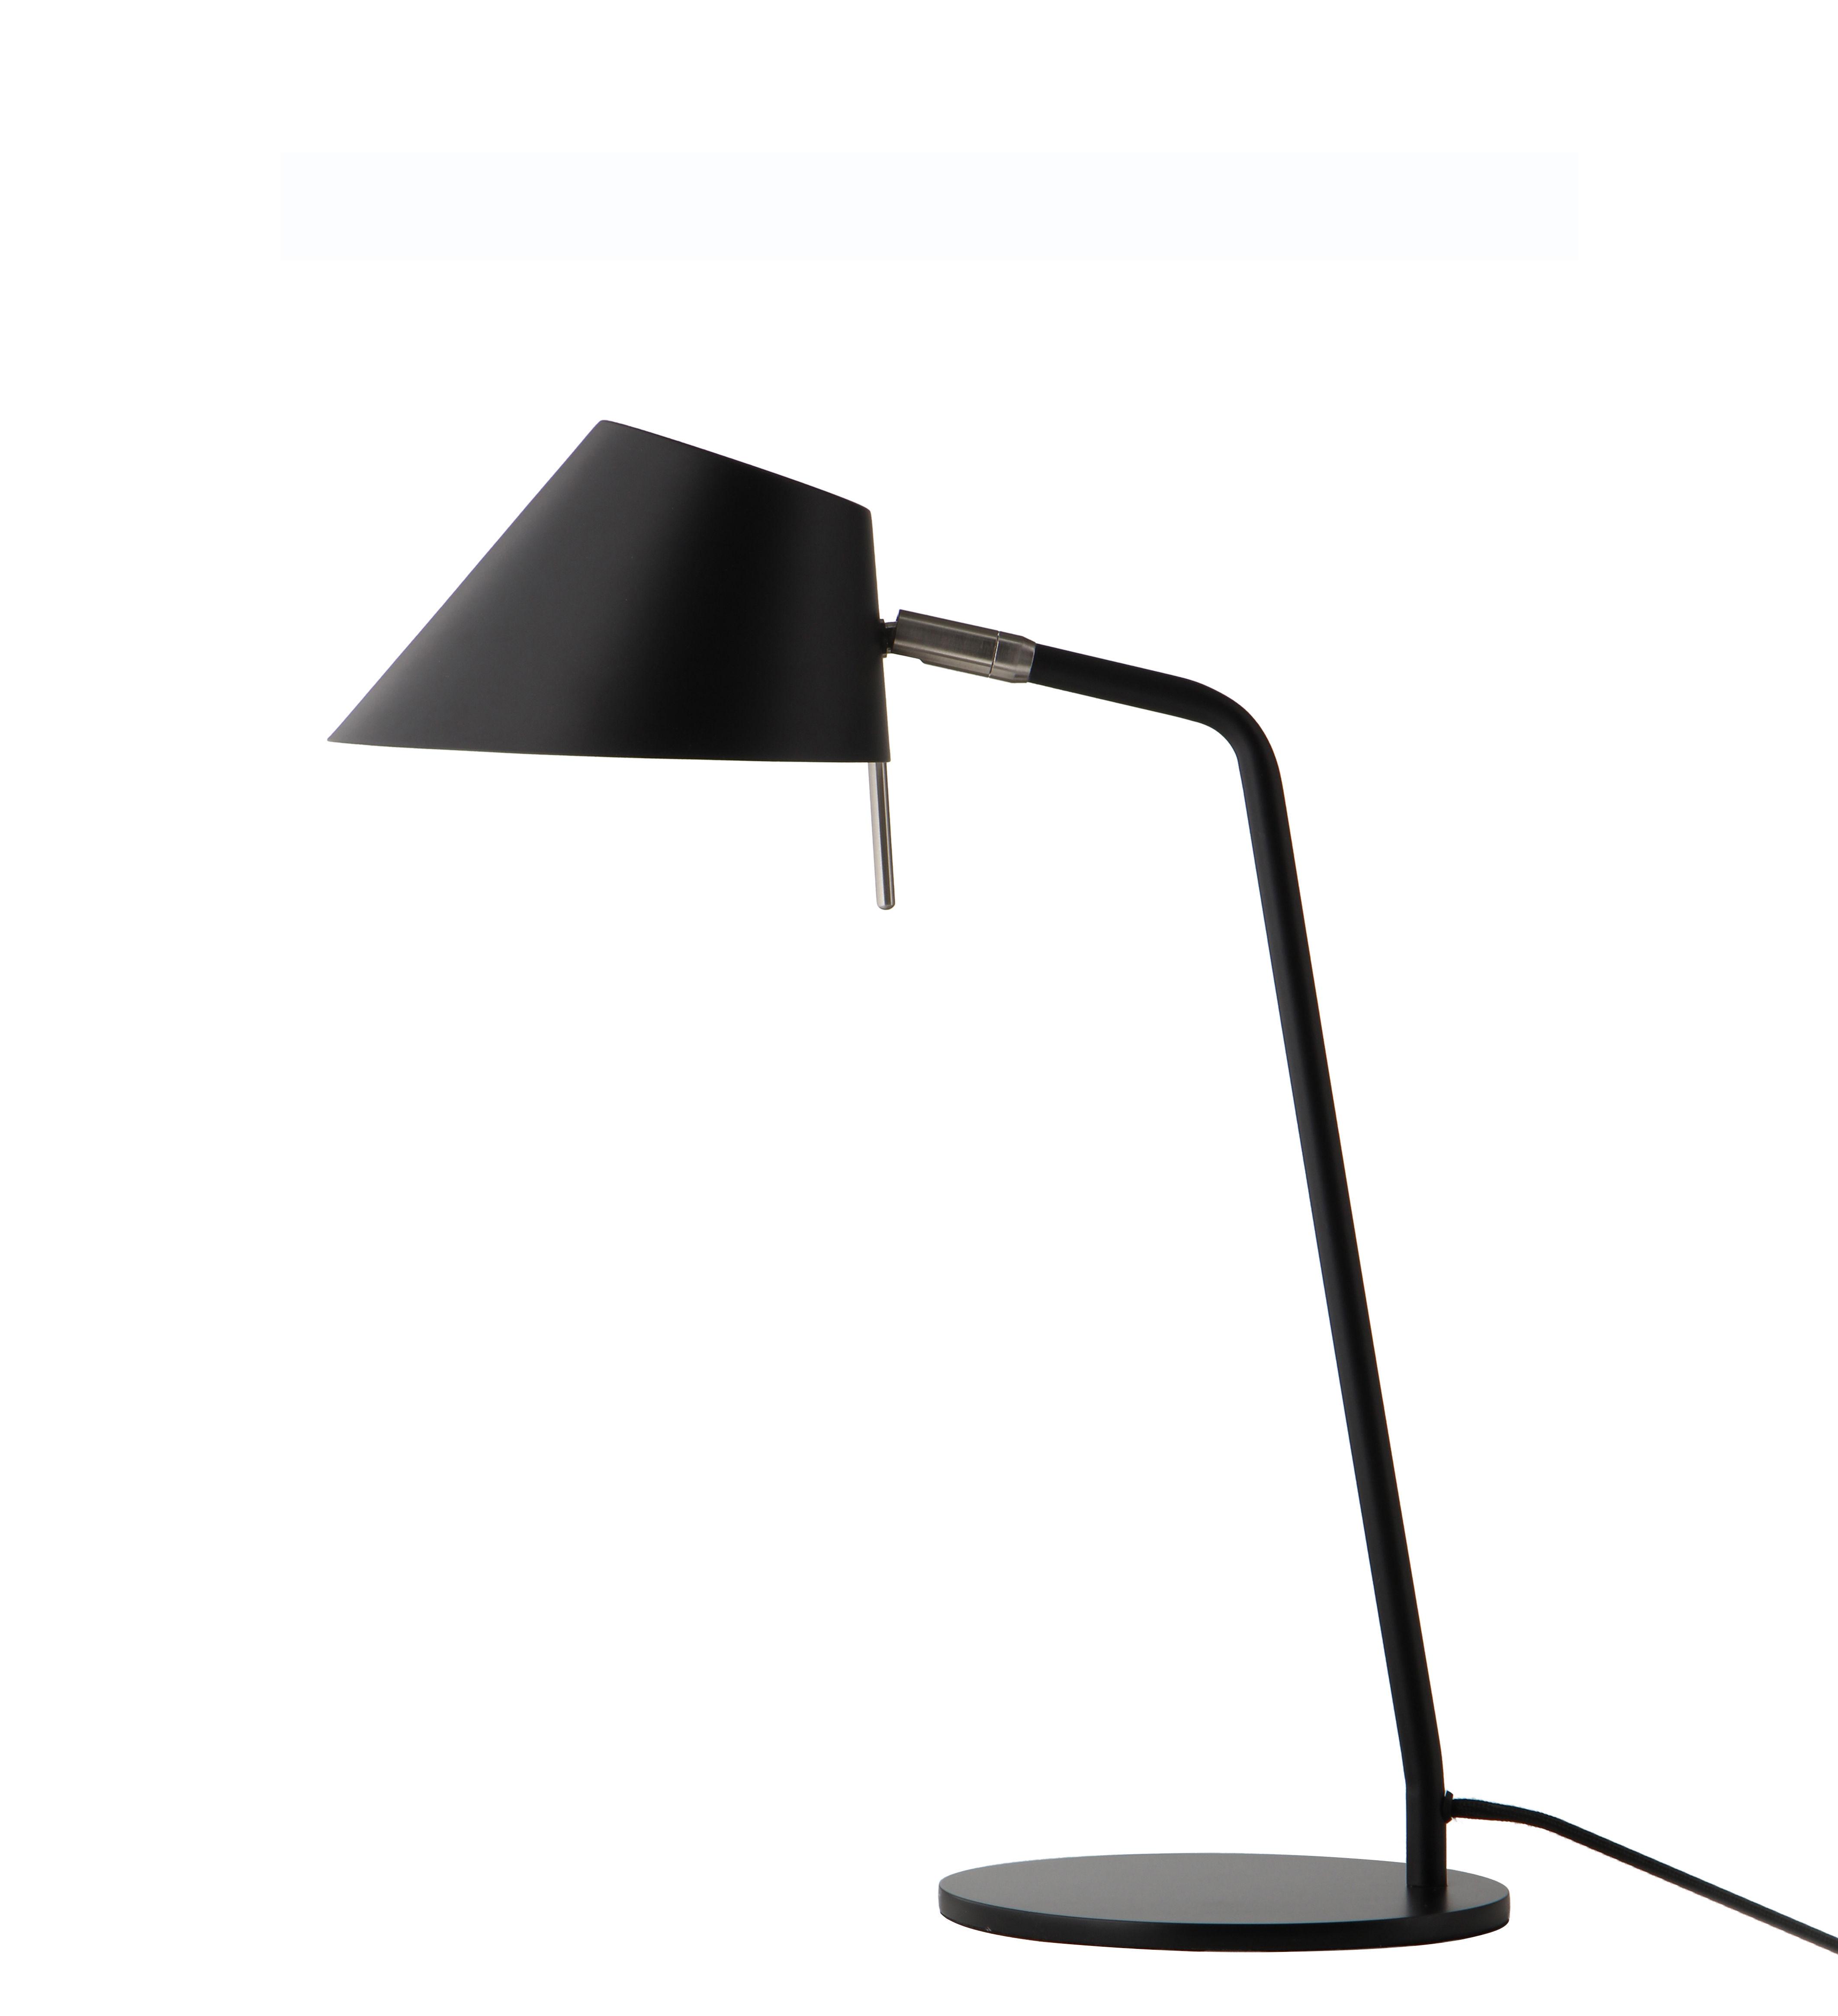 Luminaire - Lampes de table - Lampe de table Office / Métal - Orientable - Frandsen - Noir - Métal